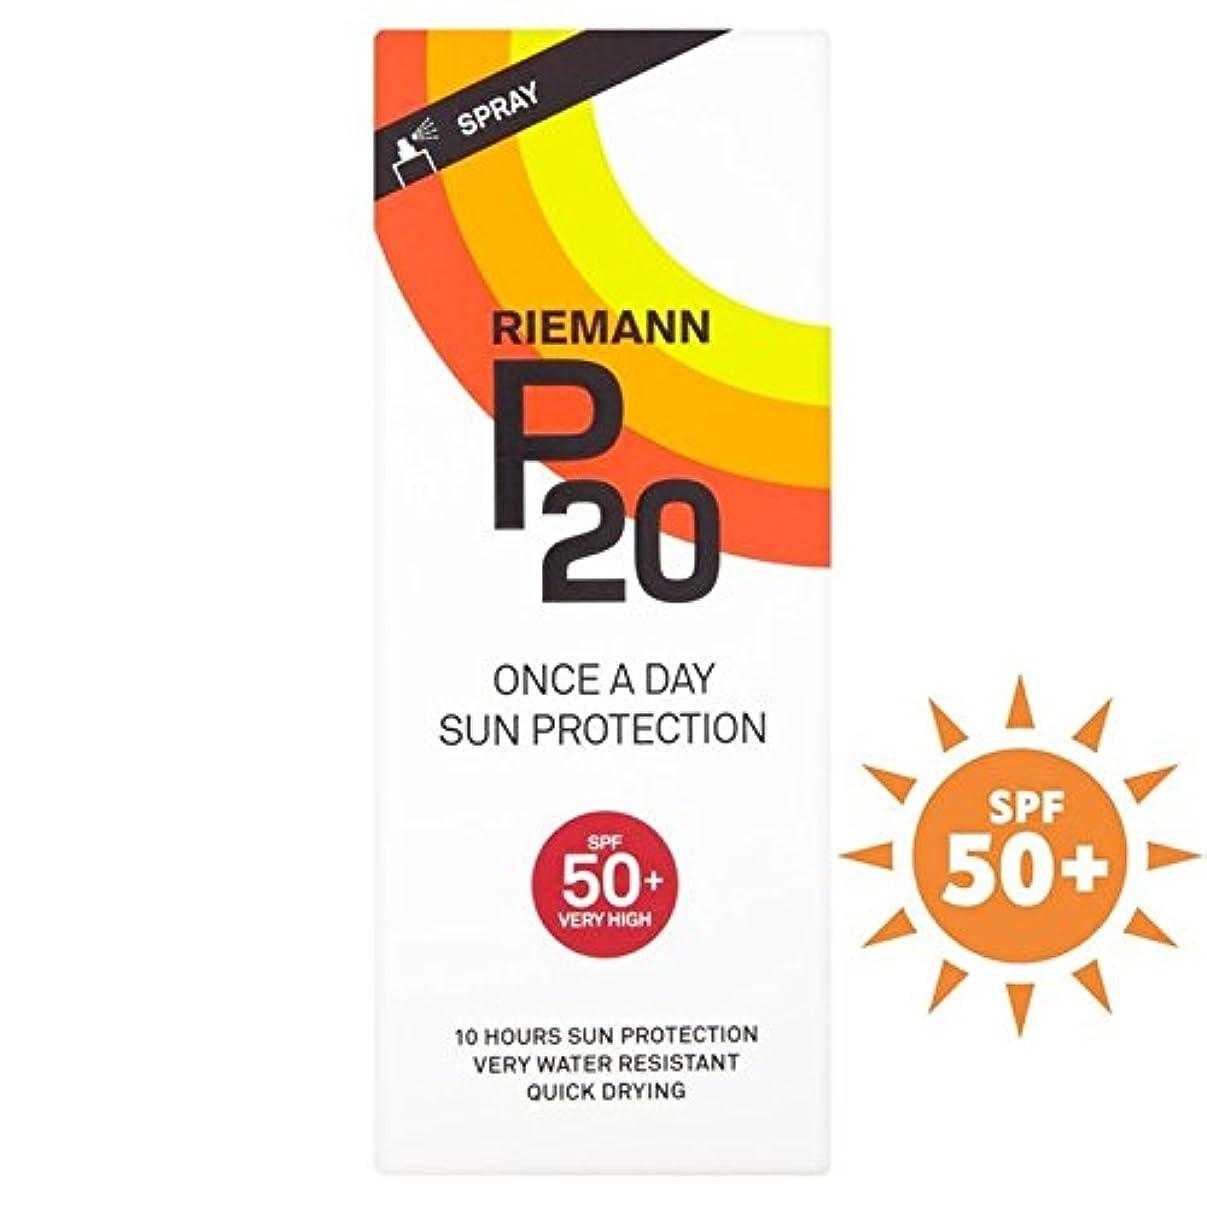 遠征フィード扱いやすいRiemann P20 SPF50+ 1 Day/10 Hour Protection 200ml - リーマン20の50 + 1日/ 10時間の保護200ミリリットル [並行輸入品]